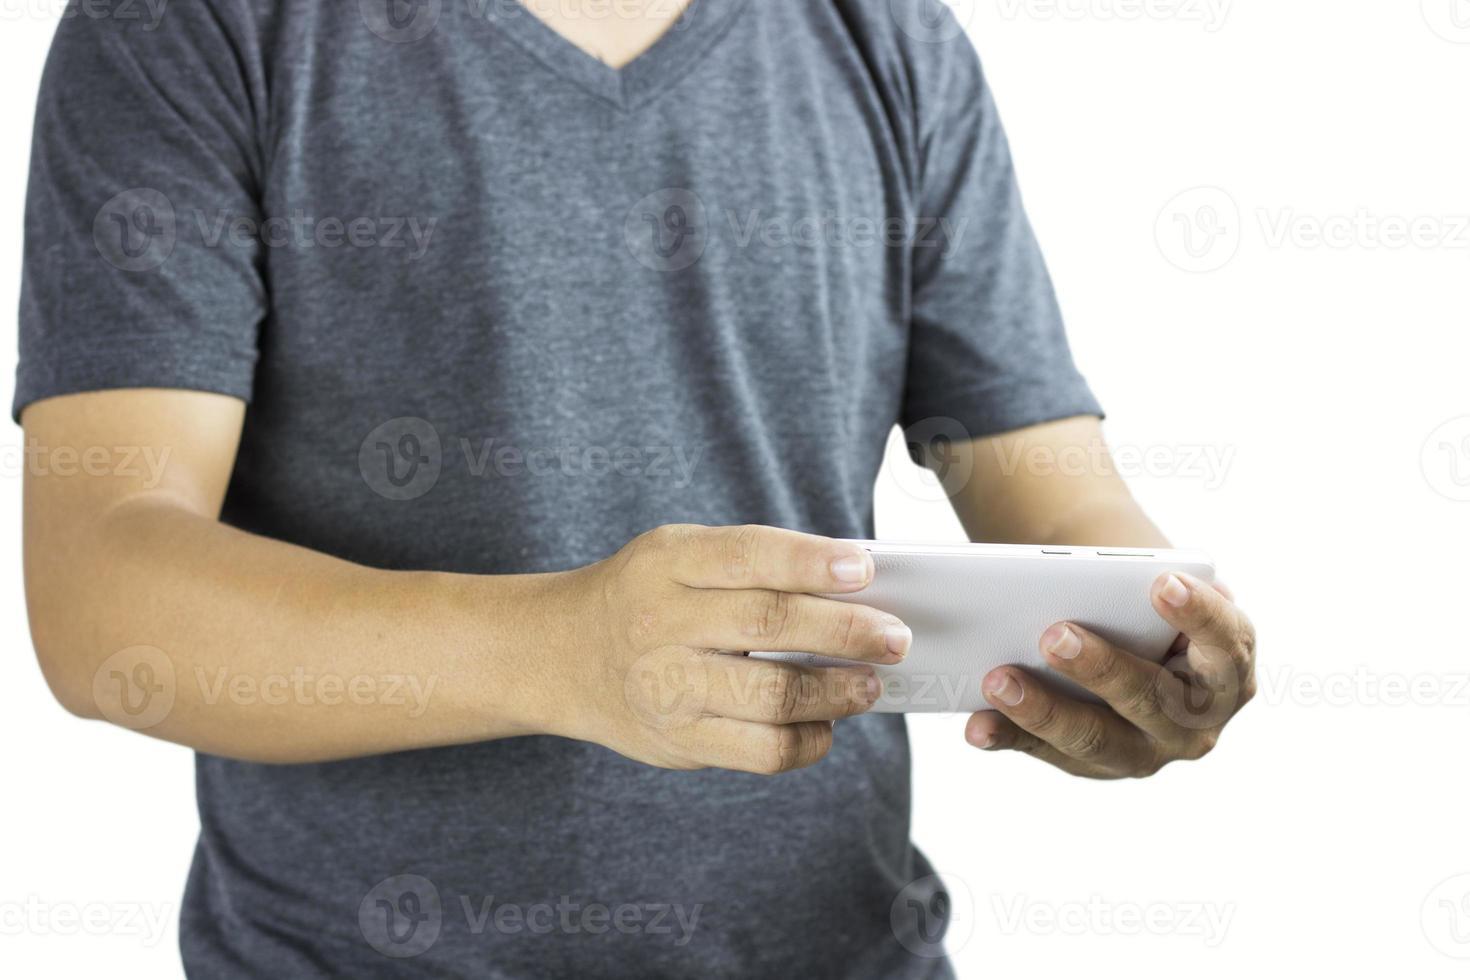 homem usando telefone em fundo branco foto